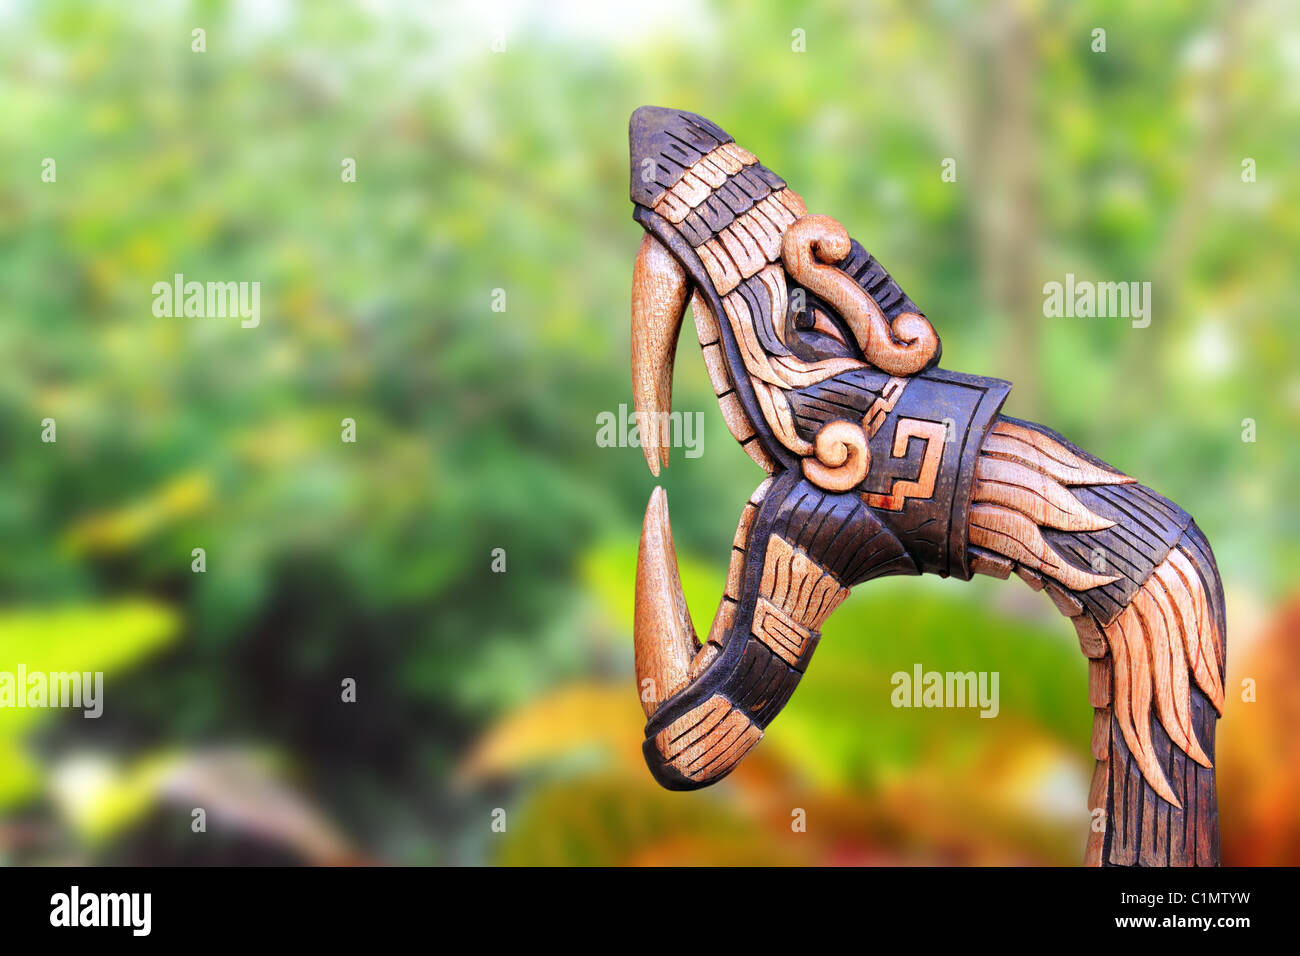 Chichen Itza Snake symbol wood handcraft figure in jungle Mexico Yucatan - Stock Image